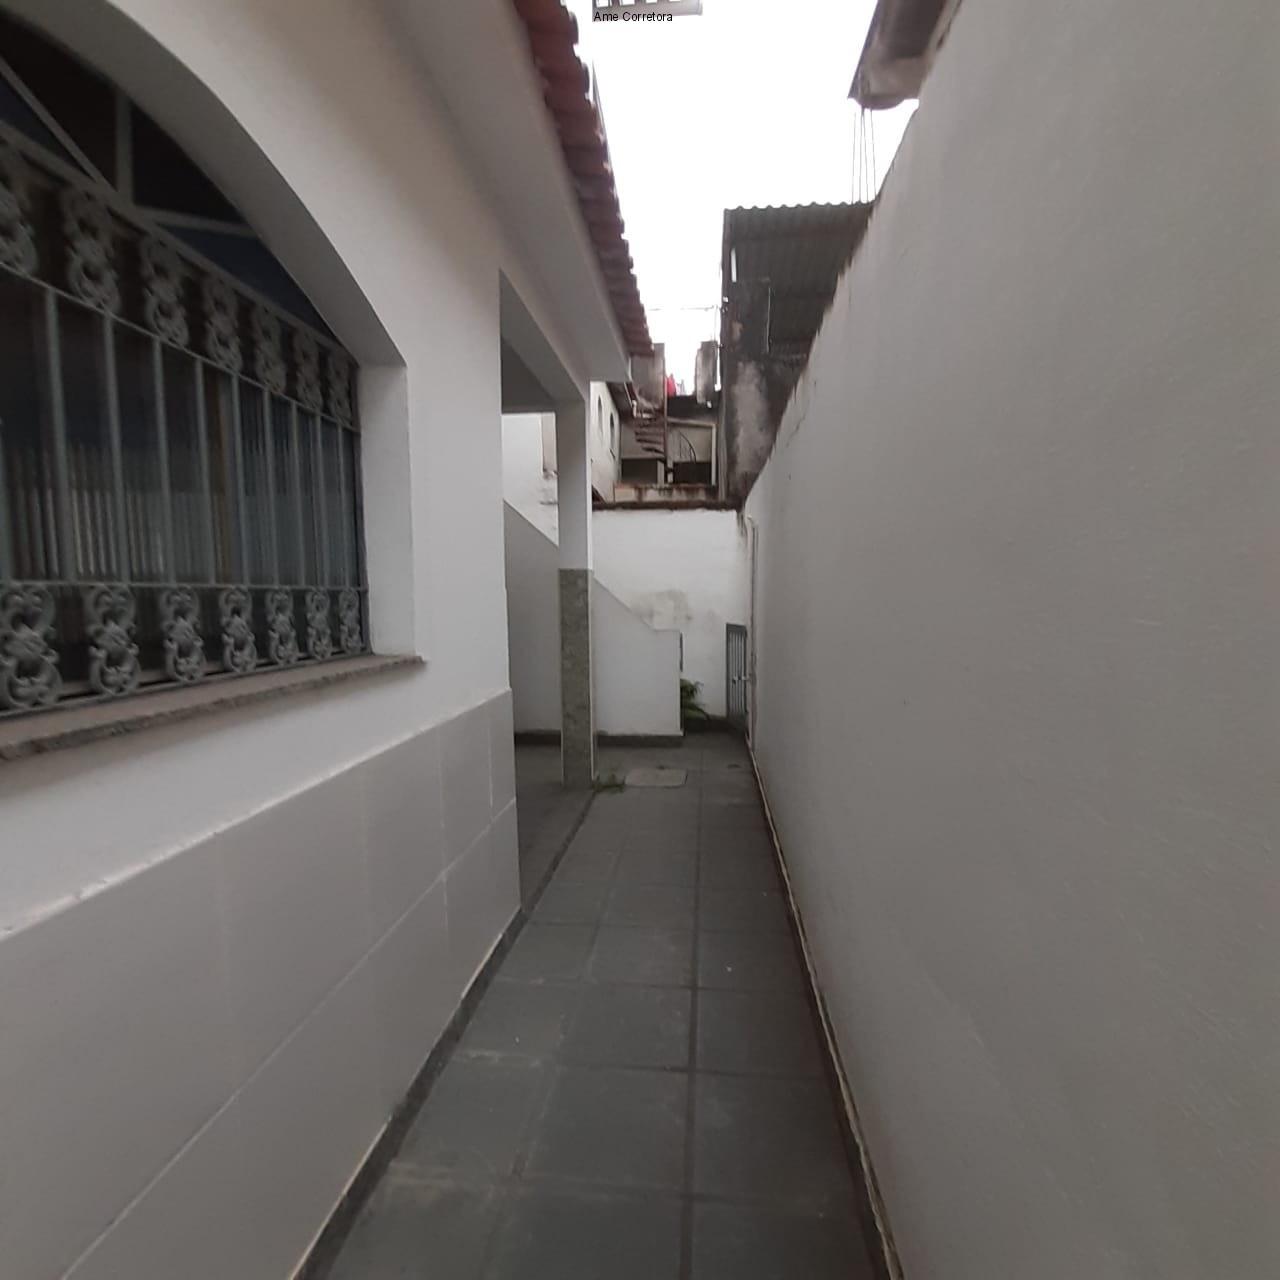 FOTO 02 - Casa 3 quartos à venda Campo Grande, Rio de Janeiro - R$ 370.000 - CA00613 - 3